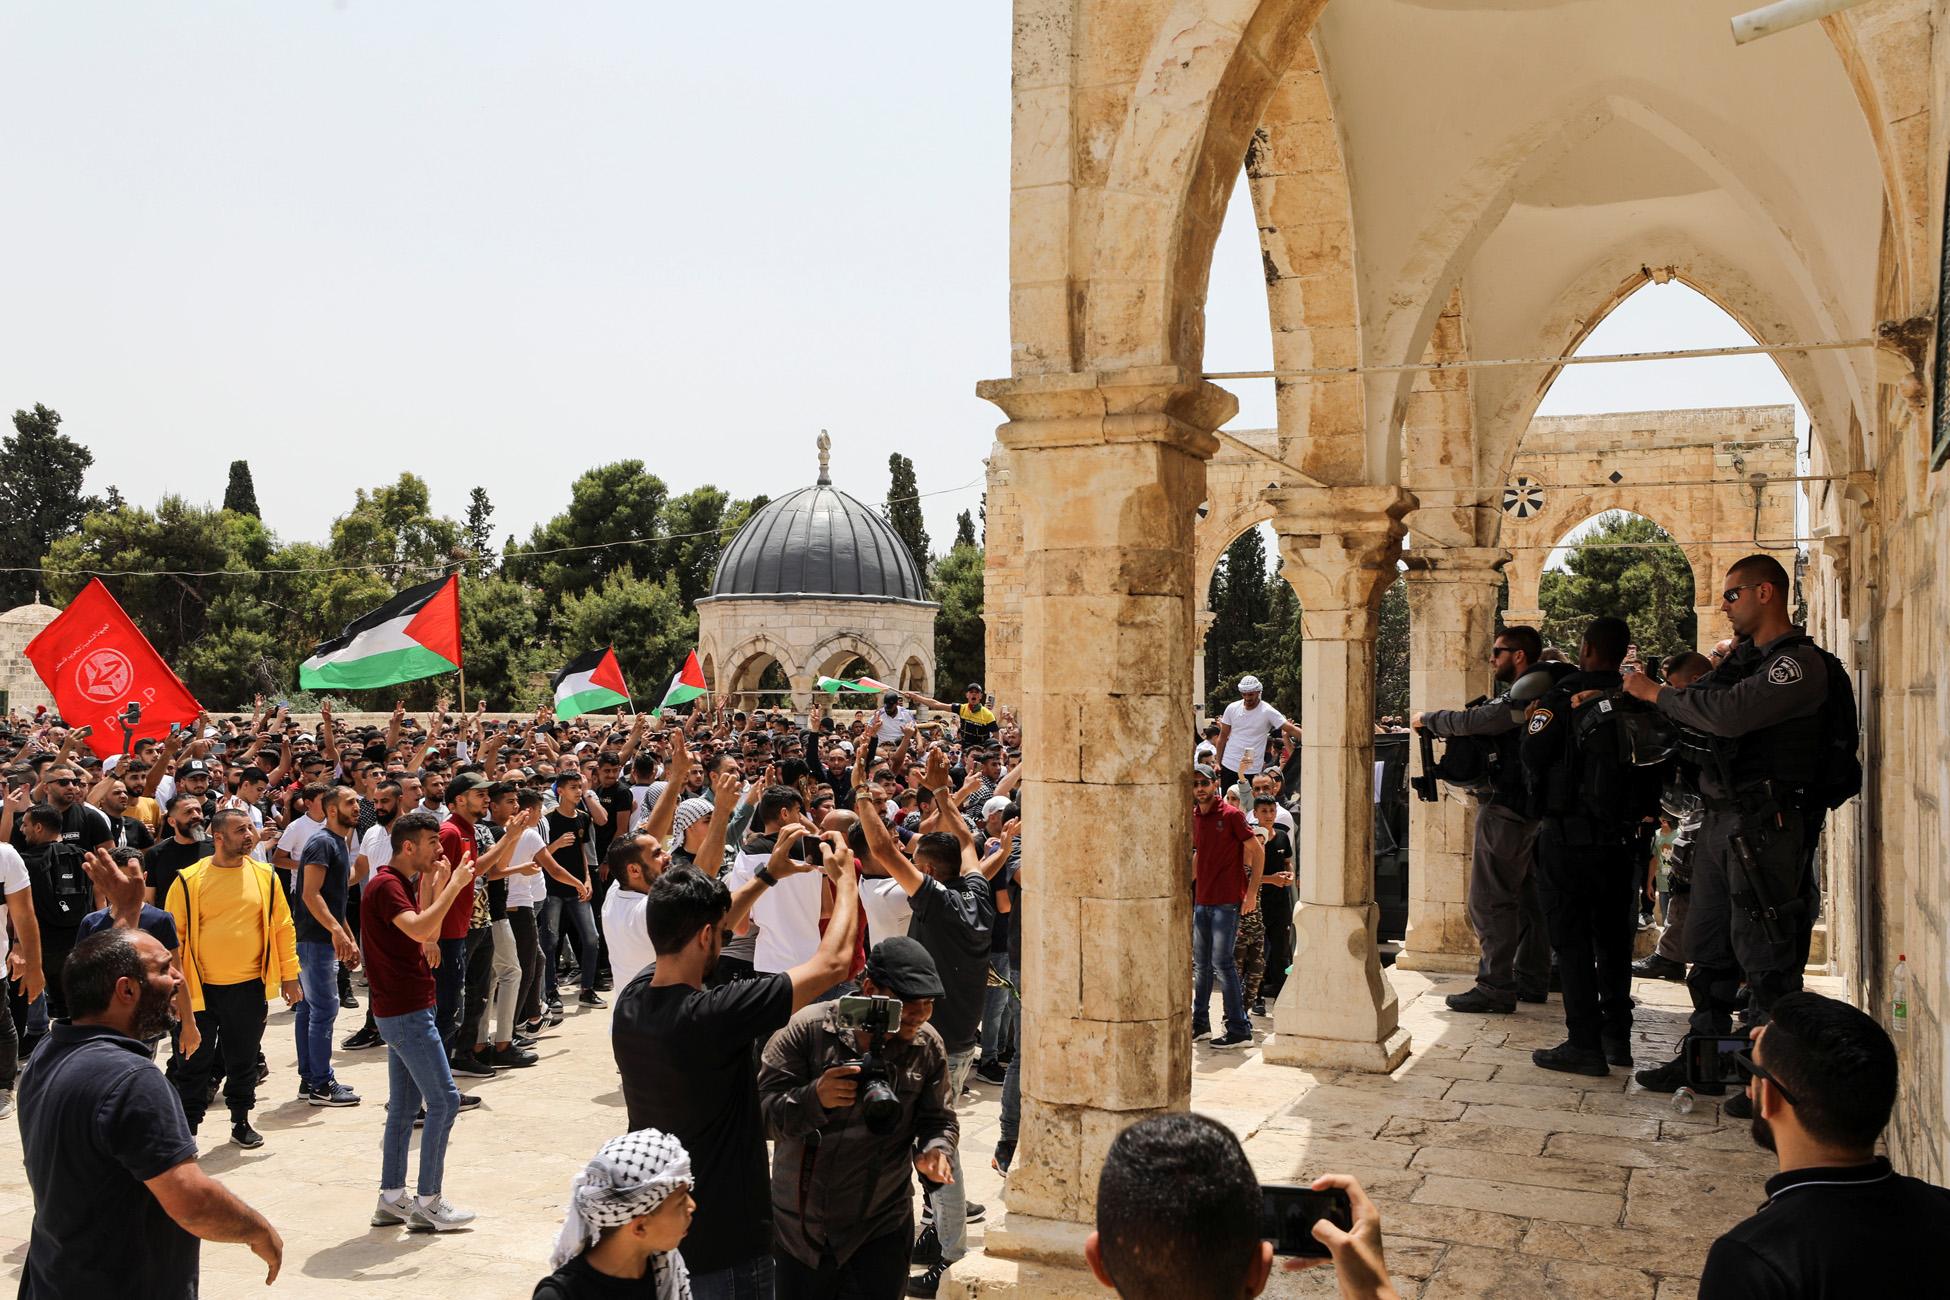 Ιερουσαλήμ: Νέες συγκρούσεις Παλαιστινίων και ισραηλινής αστυνομίας στην πλατεία των Τζαμιών